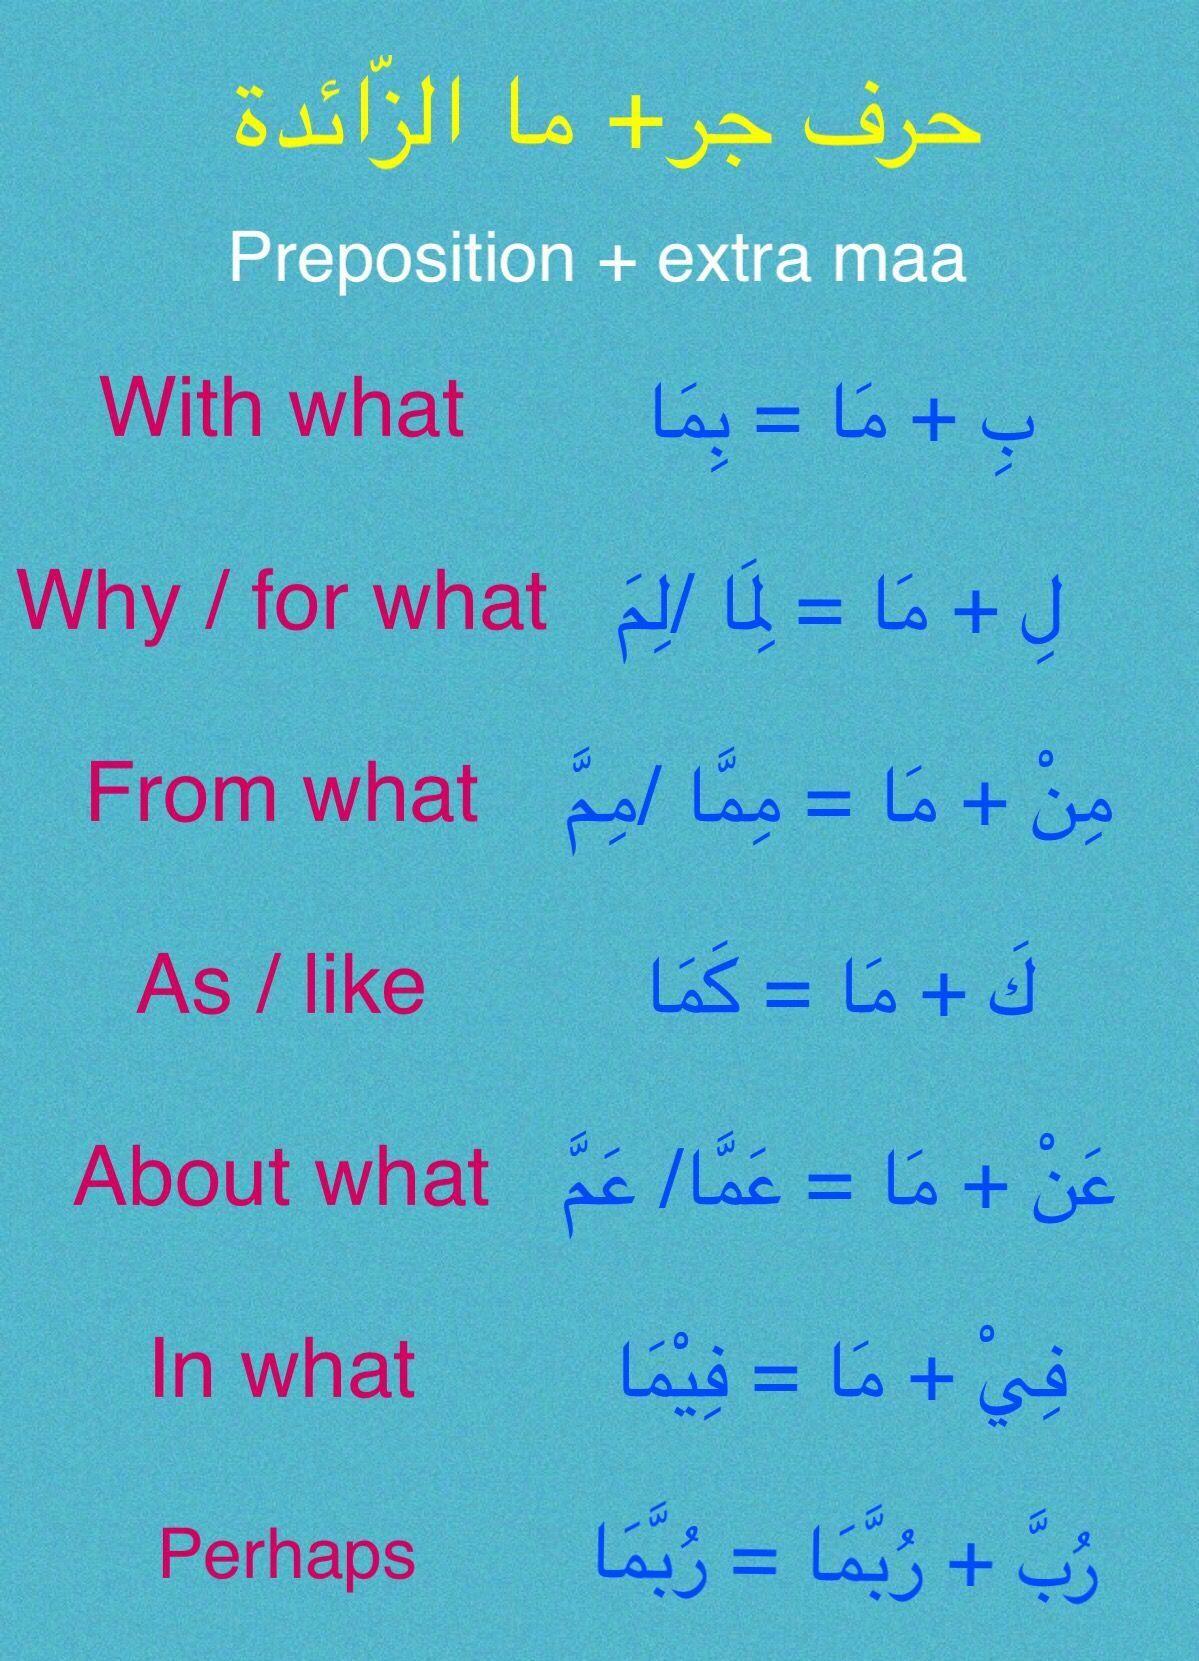 ما الزائدة Learnarabiclanguage Arabic Language Arabic Lessons Learning Arabic